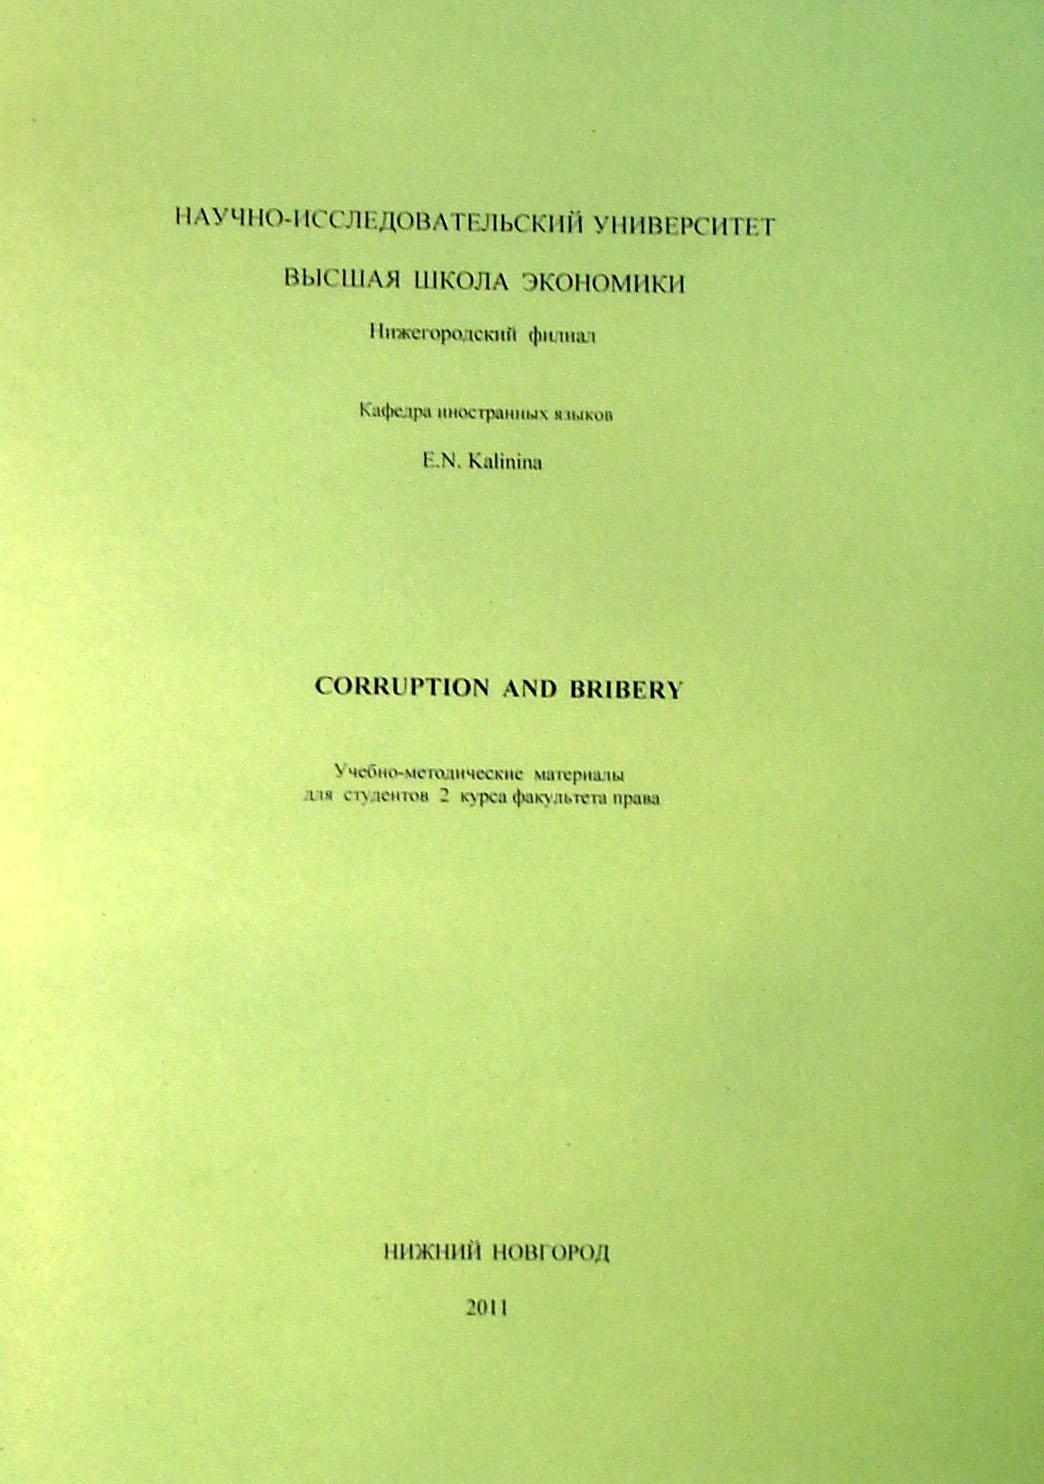 Corruption and Bribery. Коррупция и взяточничество: Учебно-методические материалы для студентов 2 курса факультета права